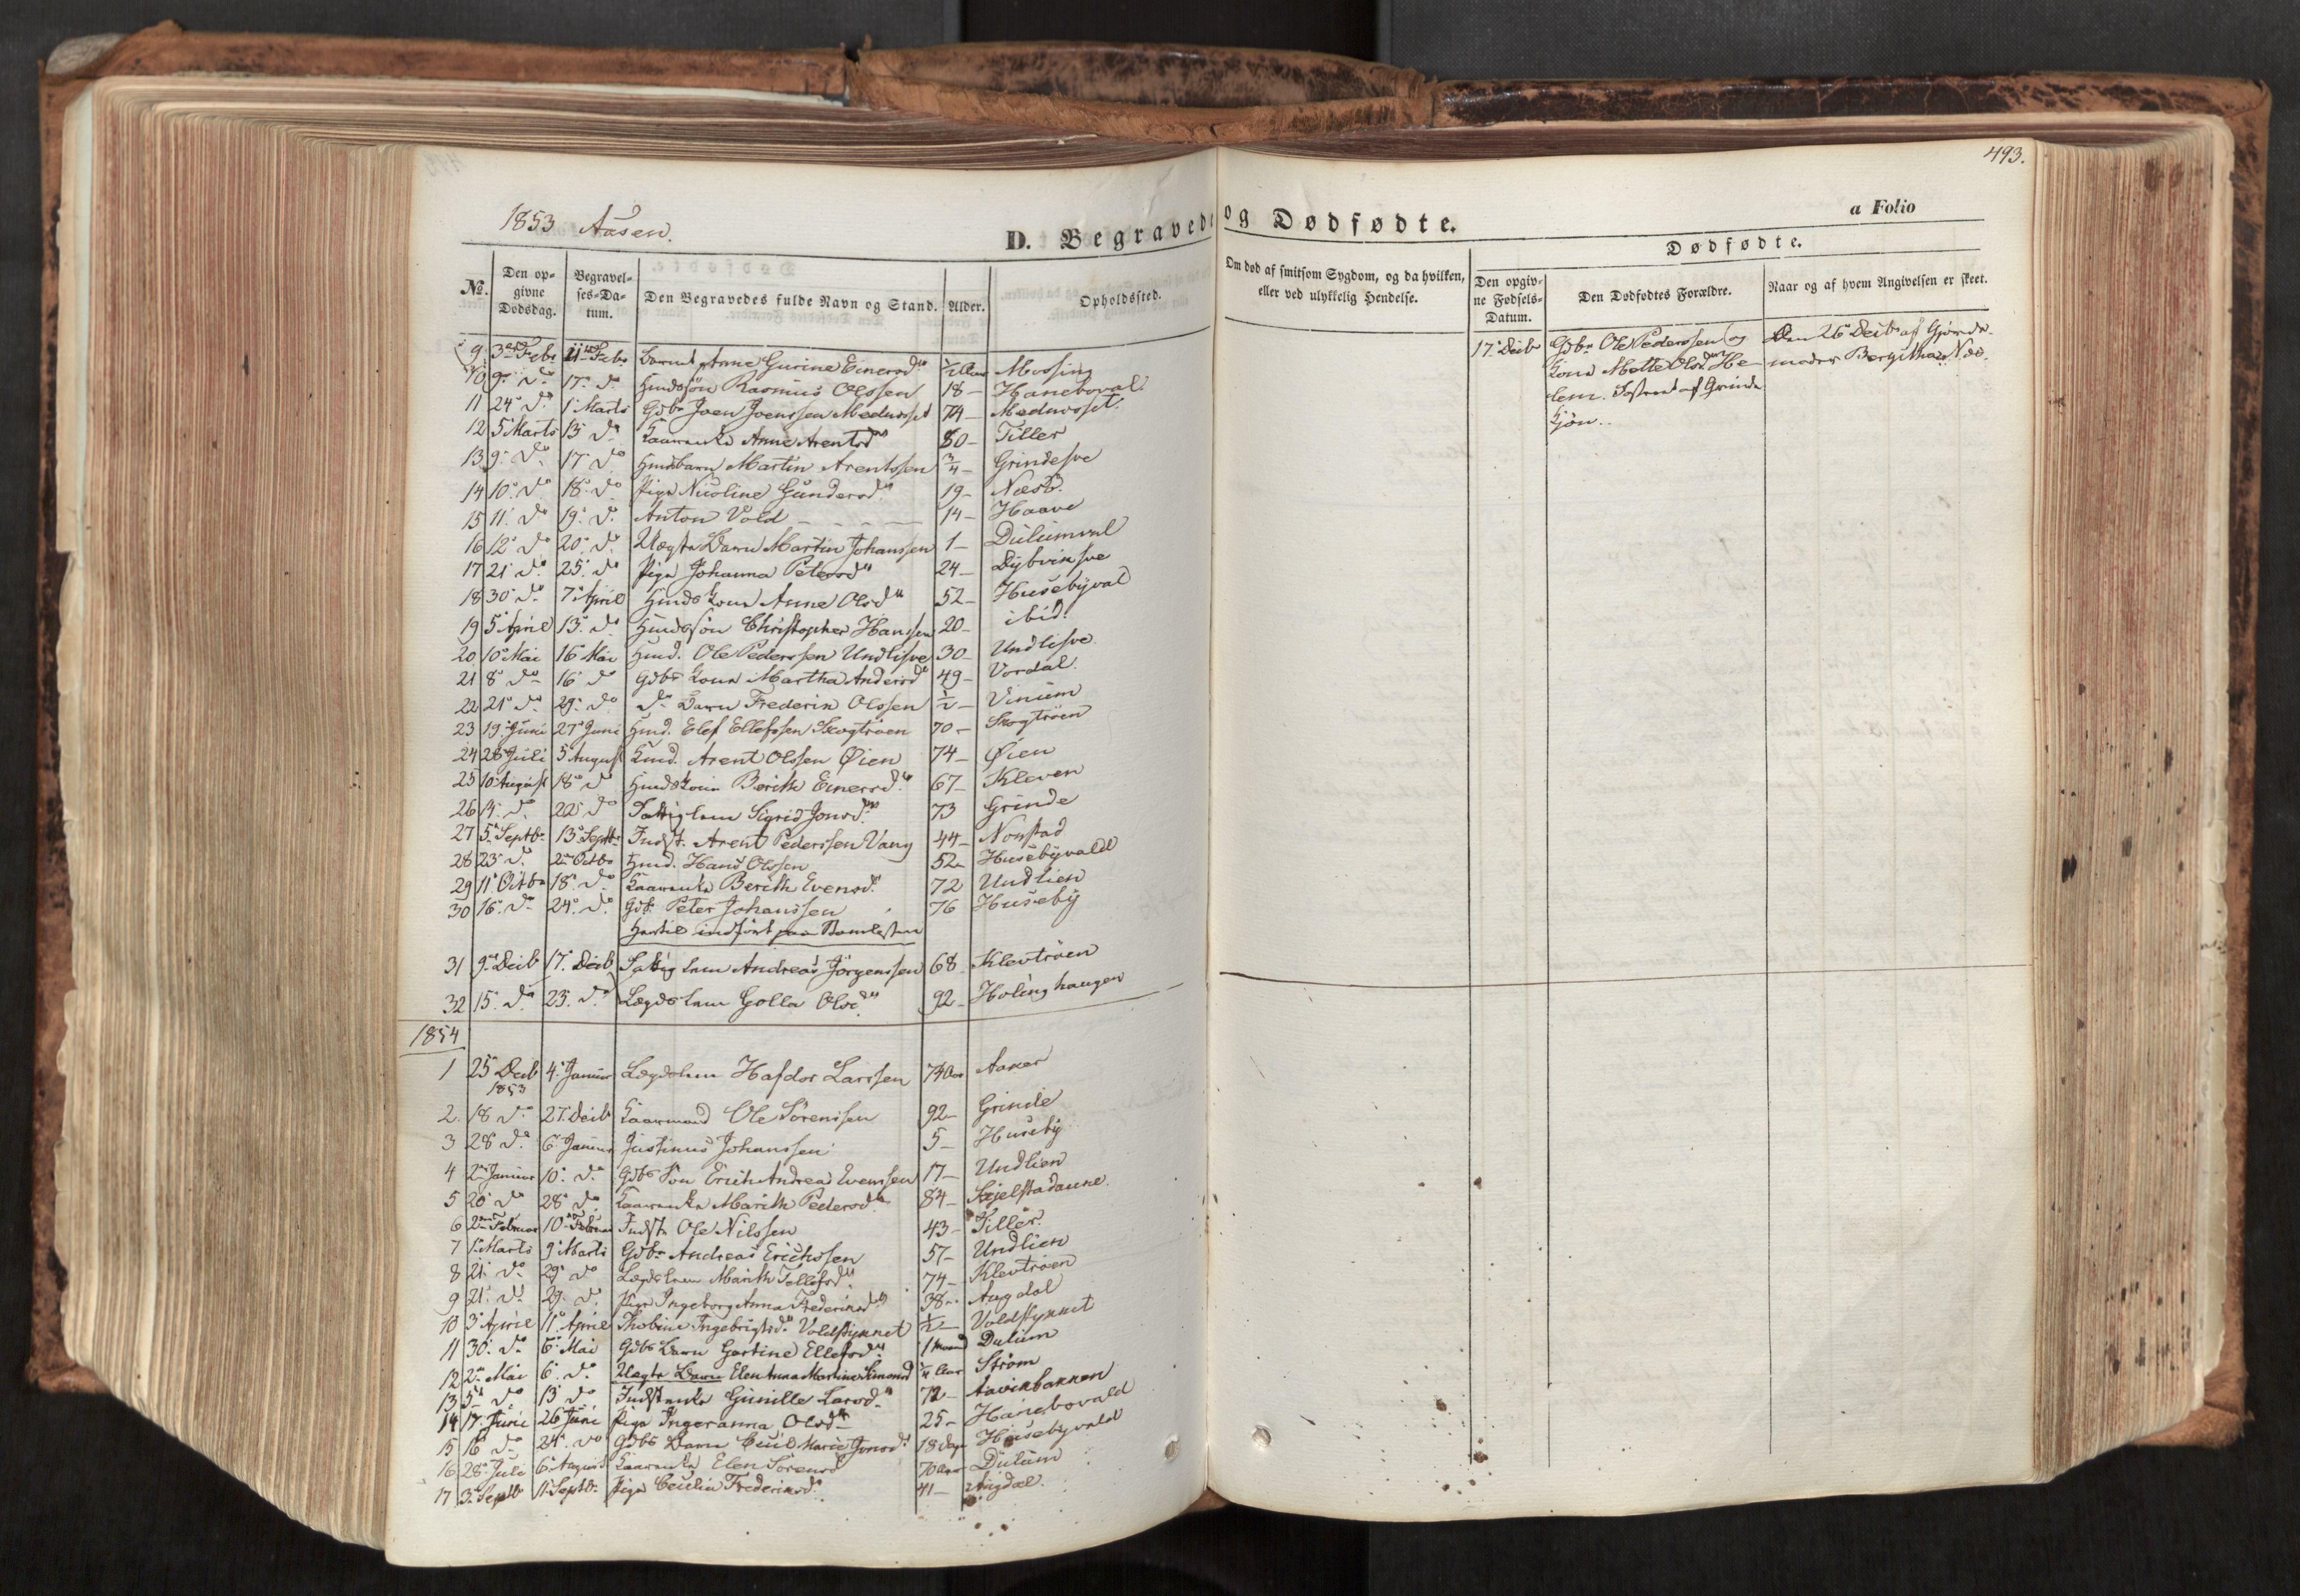 SAT, Ministerialprotokoller, klokkerbøker og fødselsregistre - Nord-Trøndelag, 713/L0116: Ministerialbok nr. 713A07, 1850-1877, s. 493